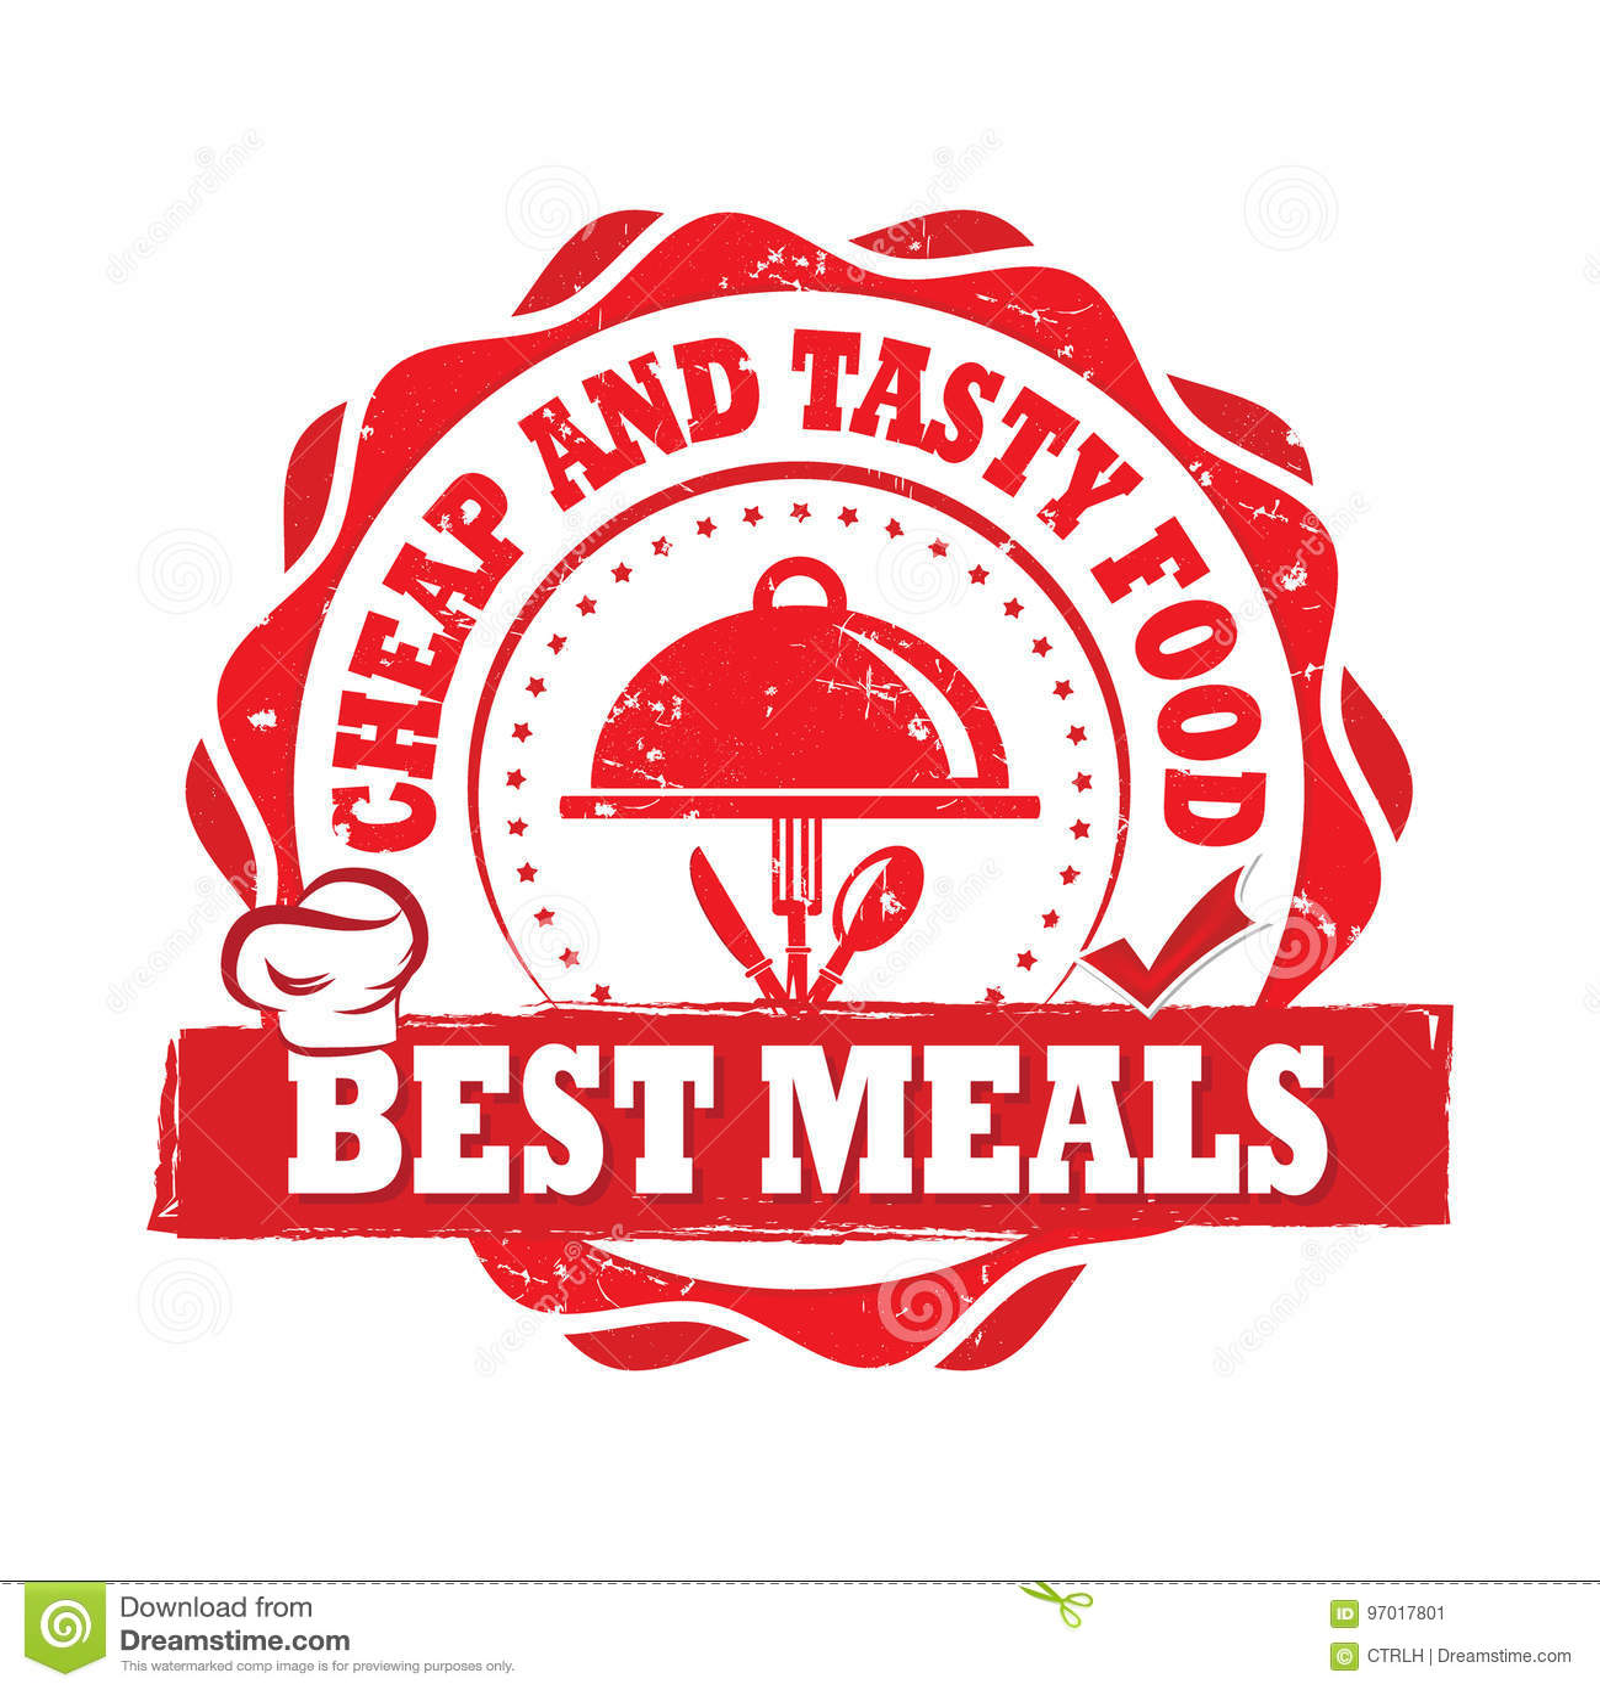 Beste Maaltijd, Goedkoop en Smakelijk voedsel - geëtiketteerd voor het drukken geschikt